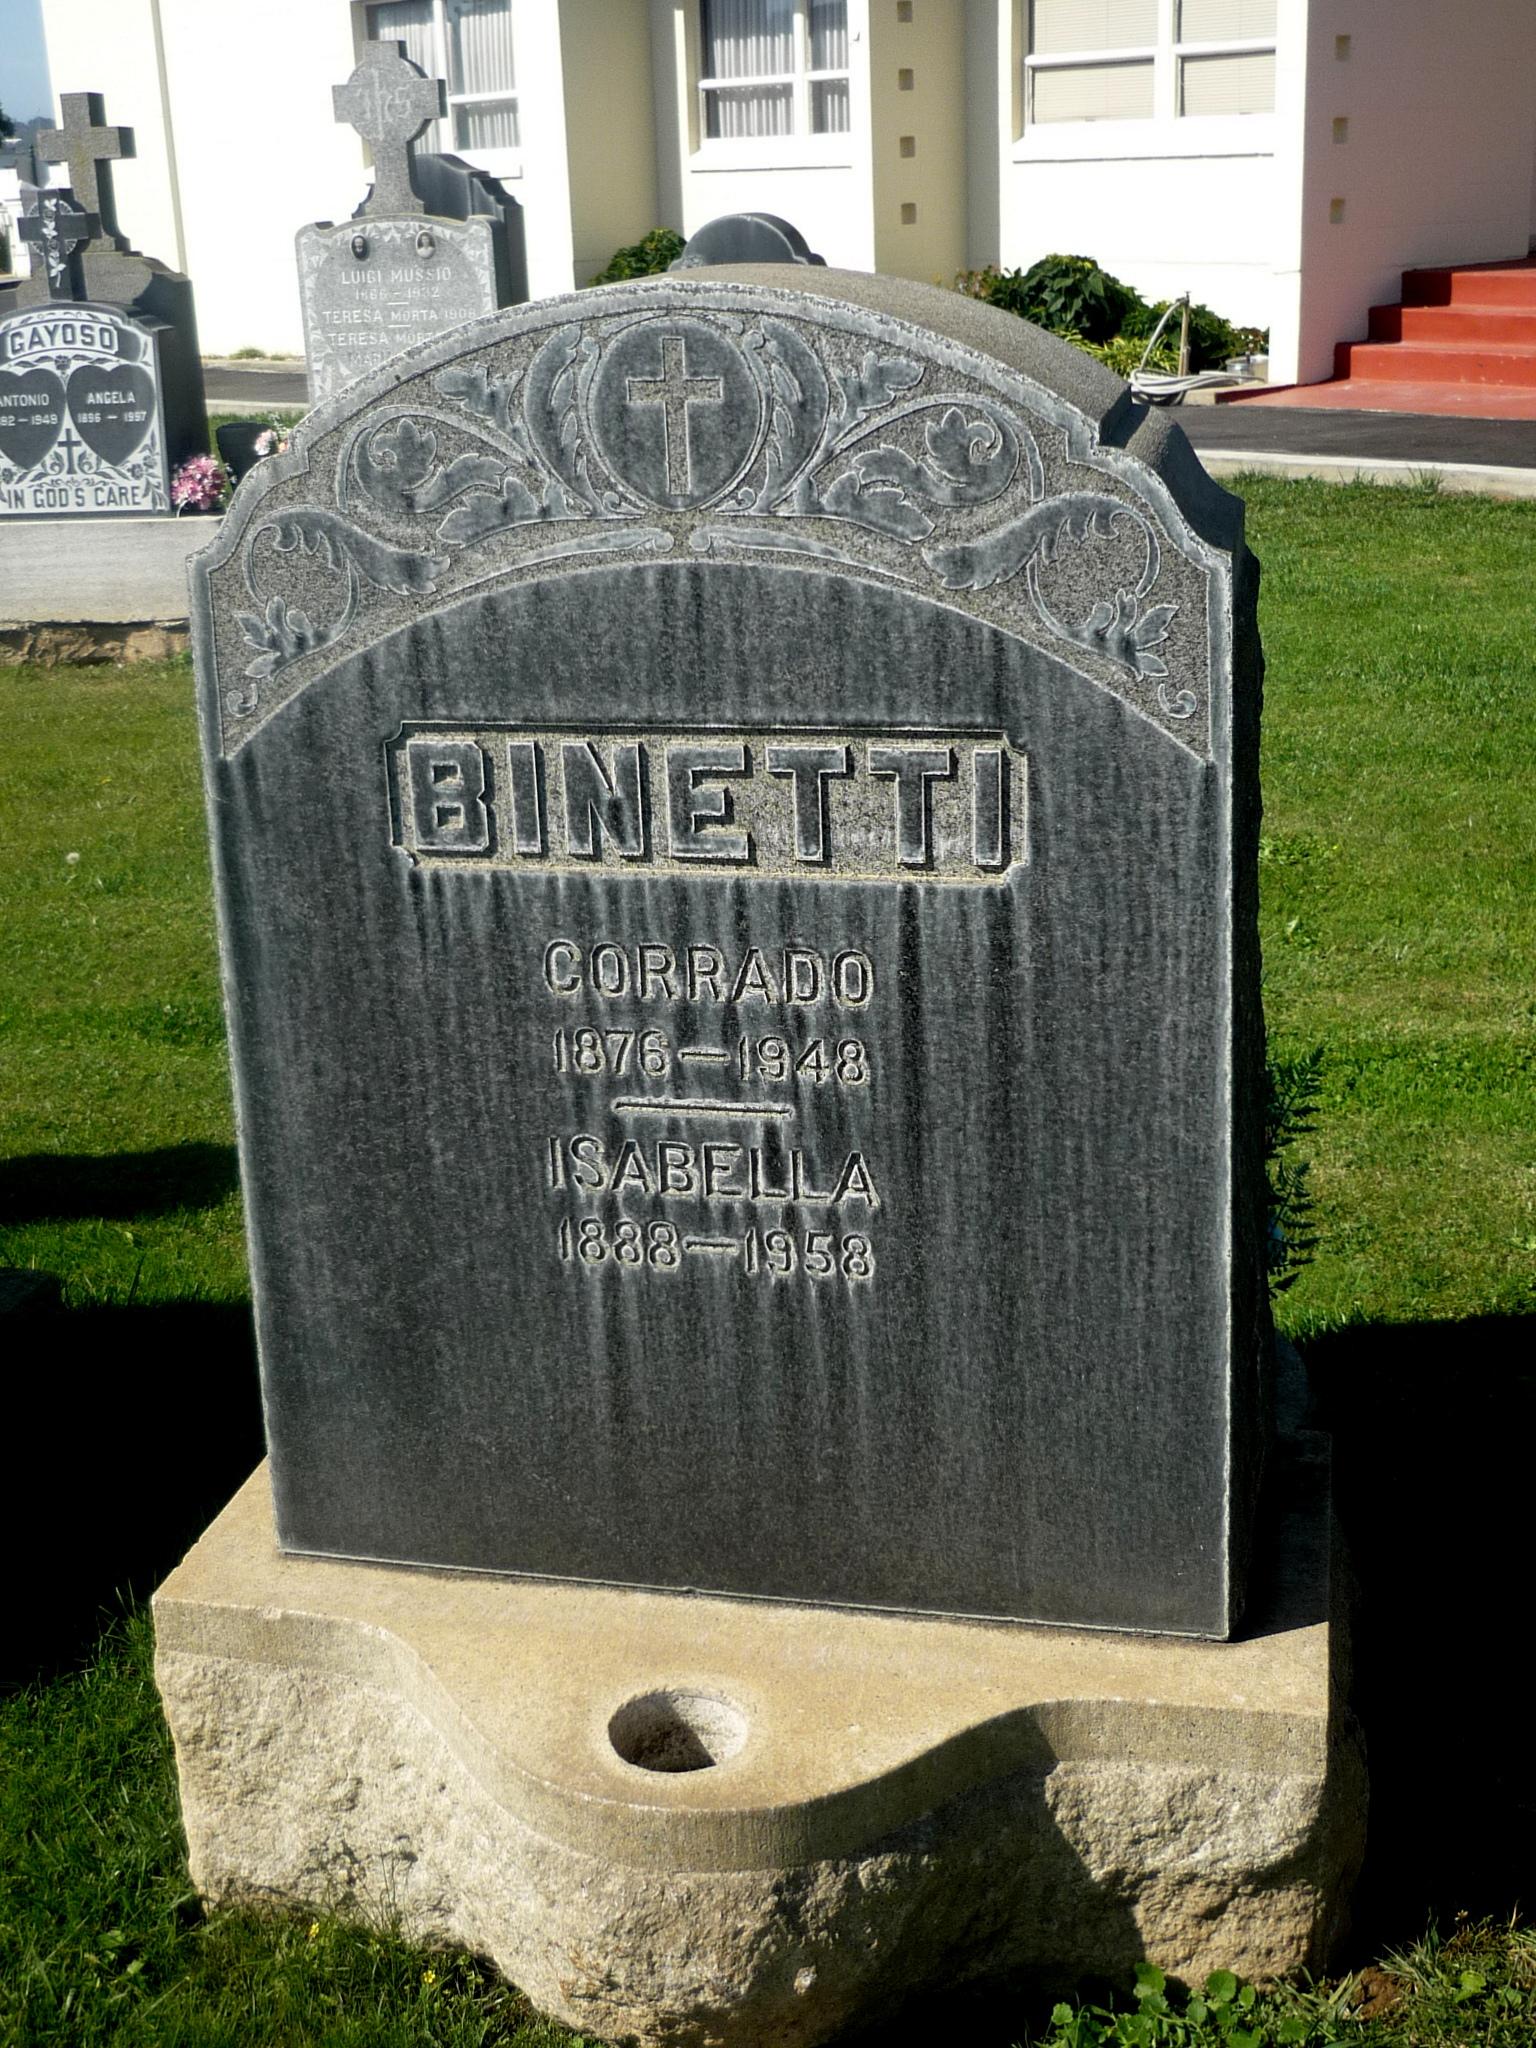 Corrado Binetti